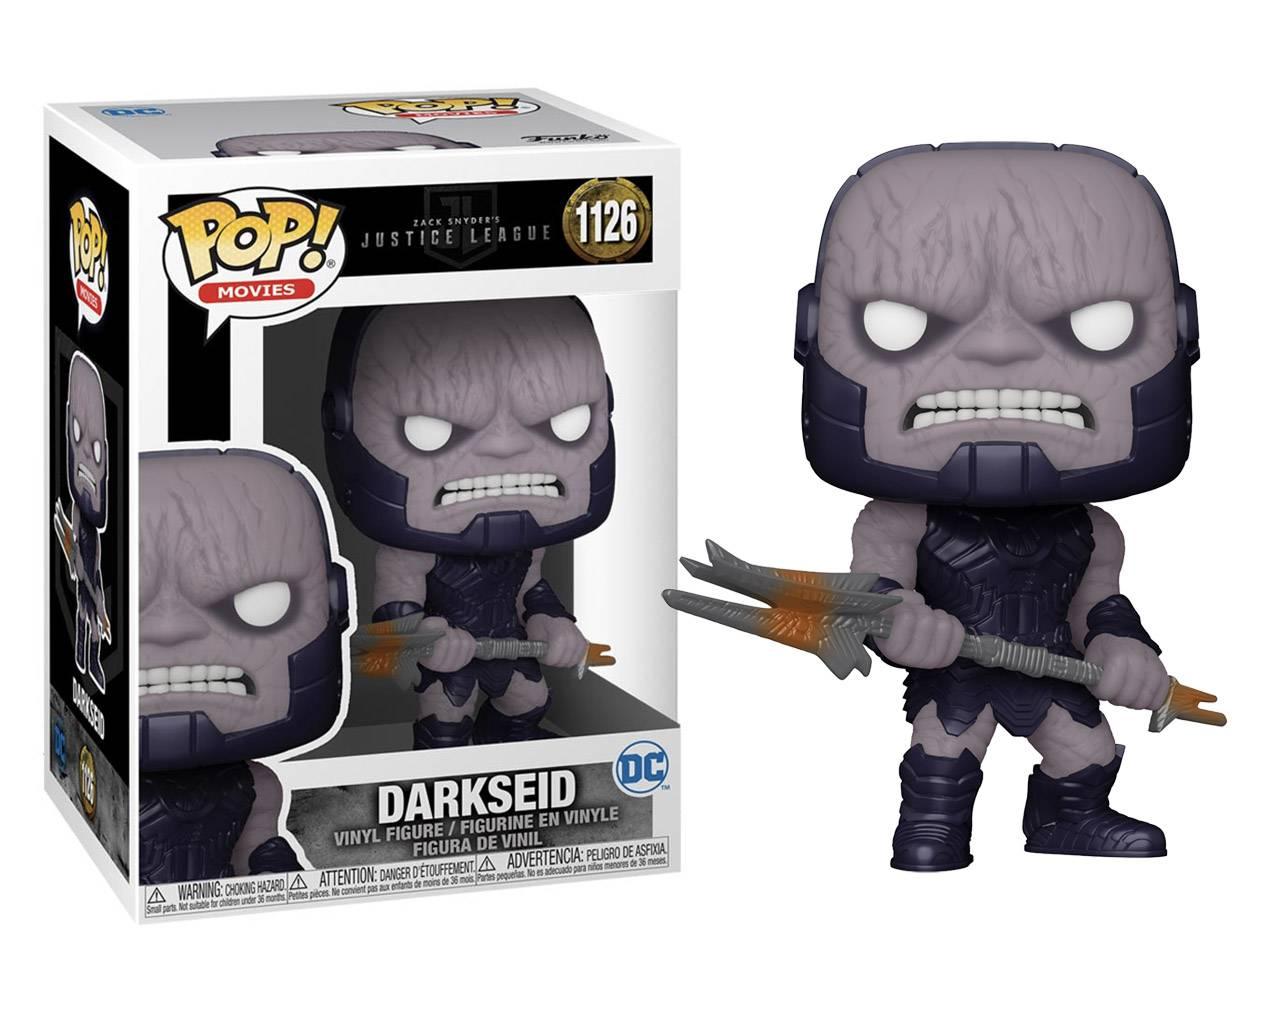 Darkseid (Snyders's Cut) Pop! Vinyl